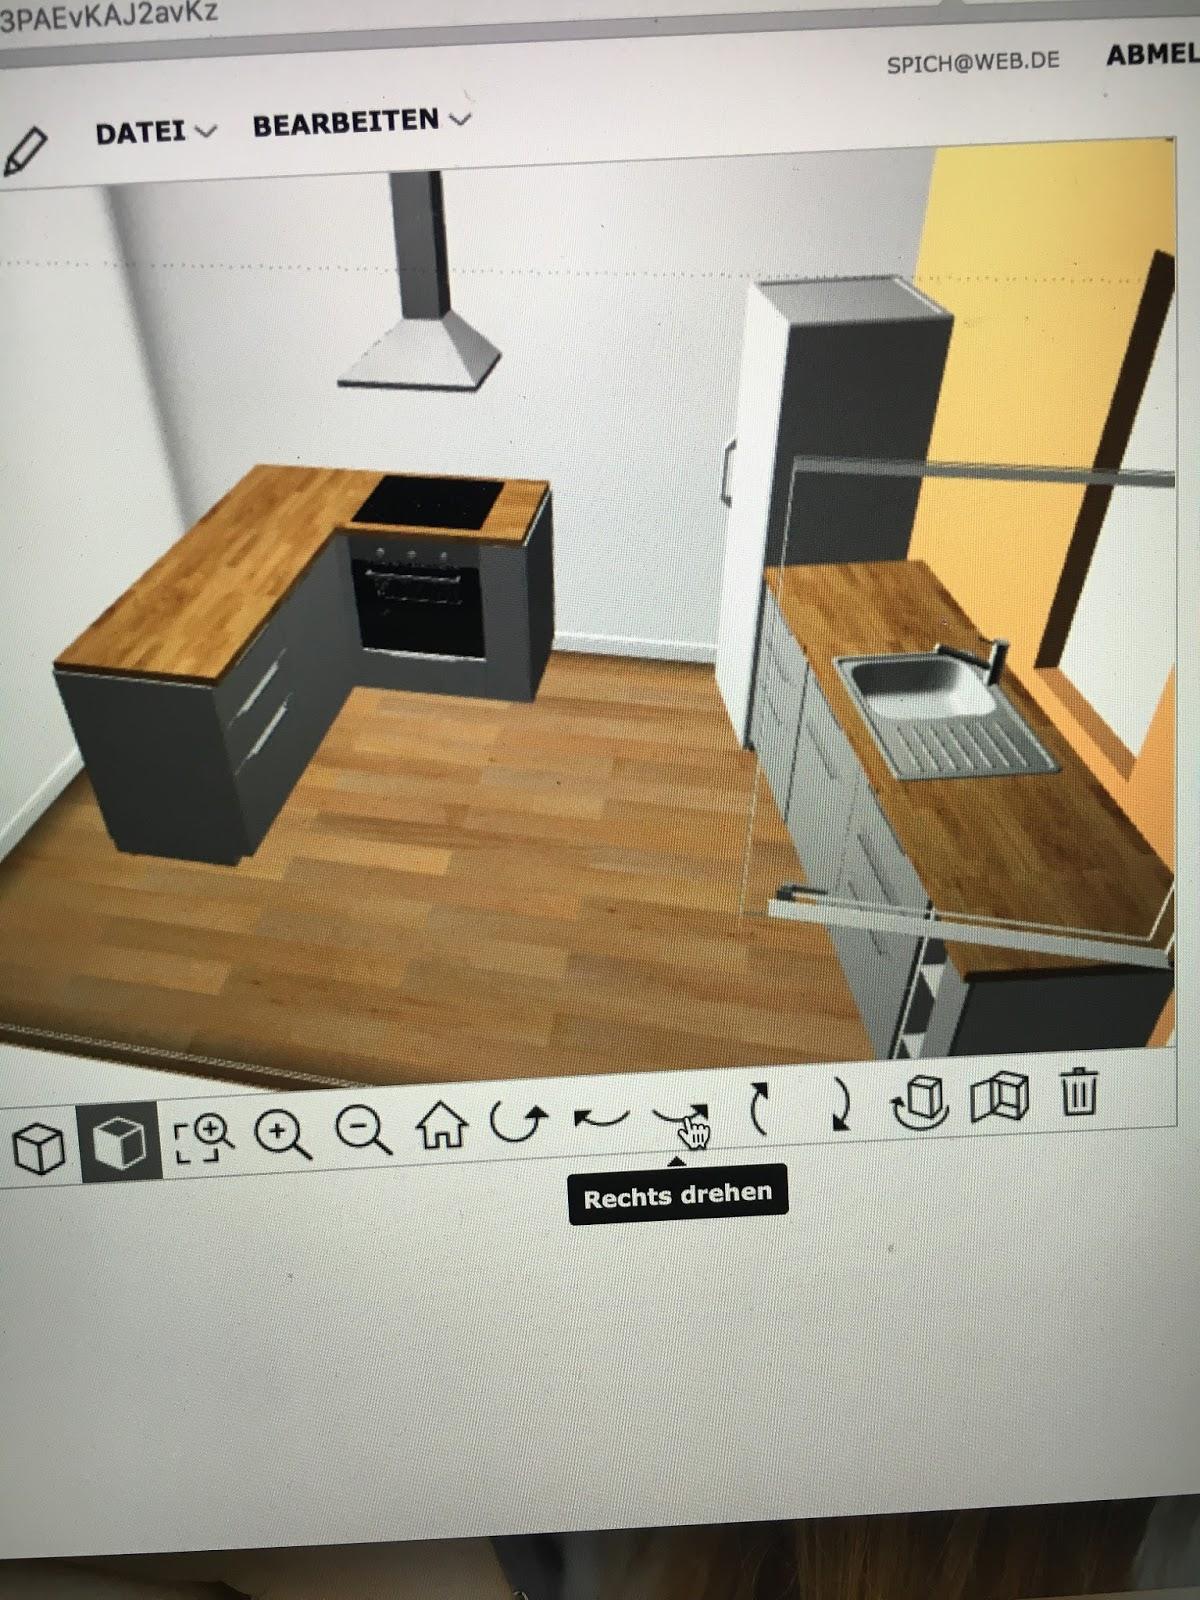 Full Size of Was Kostet Eine Küche Mit Elektrogeräten Was Kostet Eine Küche Im Durchschnitt Was Kostet Eine Küche Mit Geräten Was Kostet Eine Küche Vom Tischler Küche Was Kostet Eine Küche